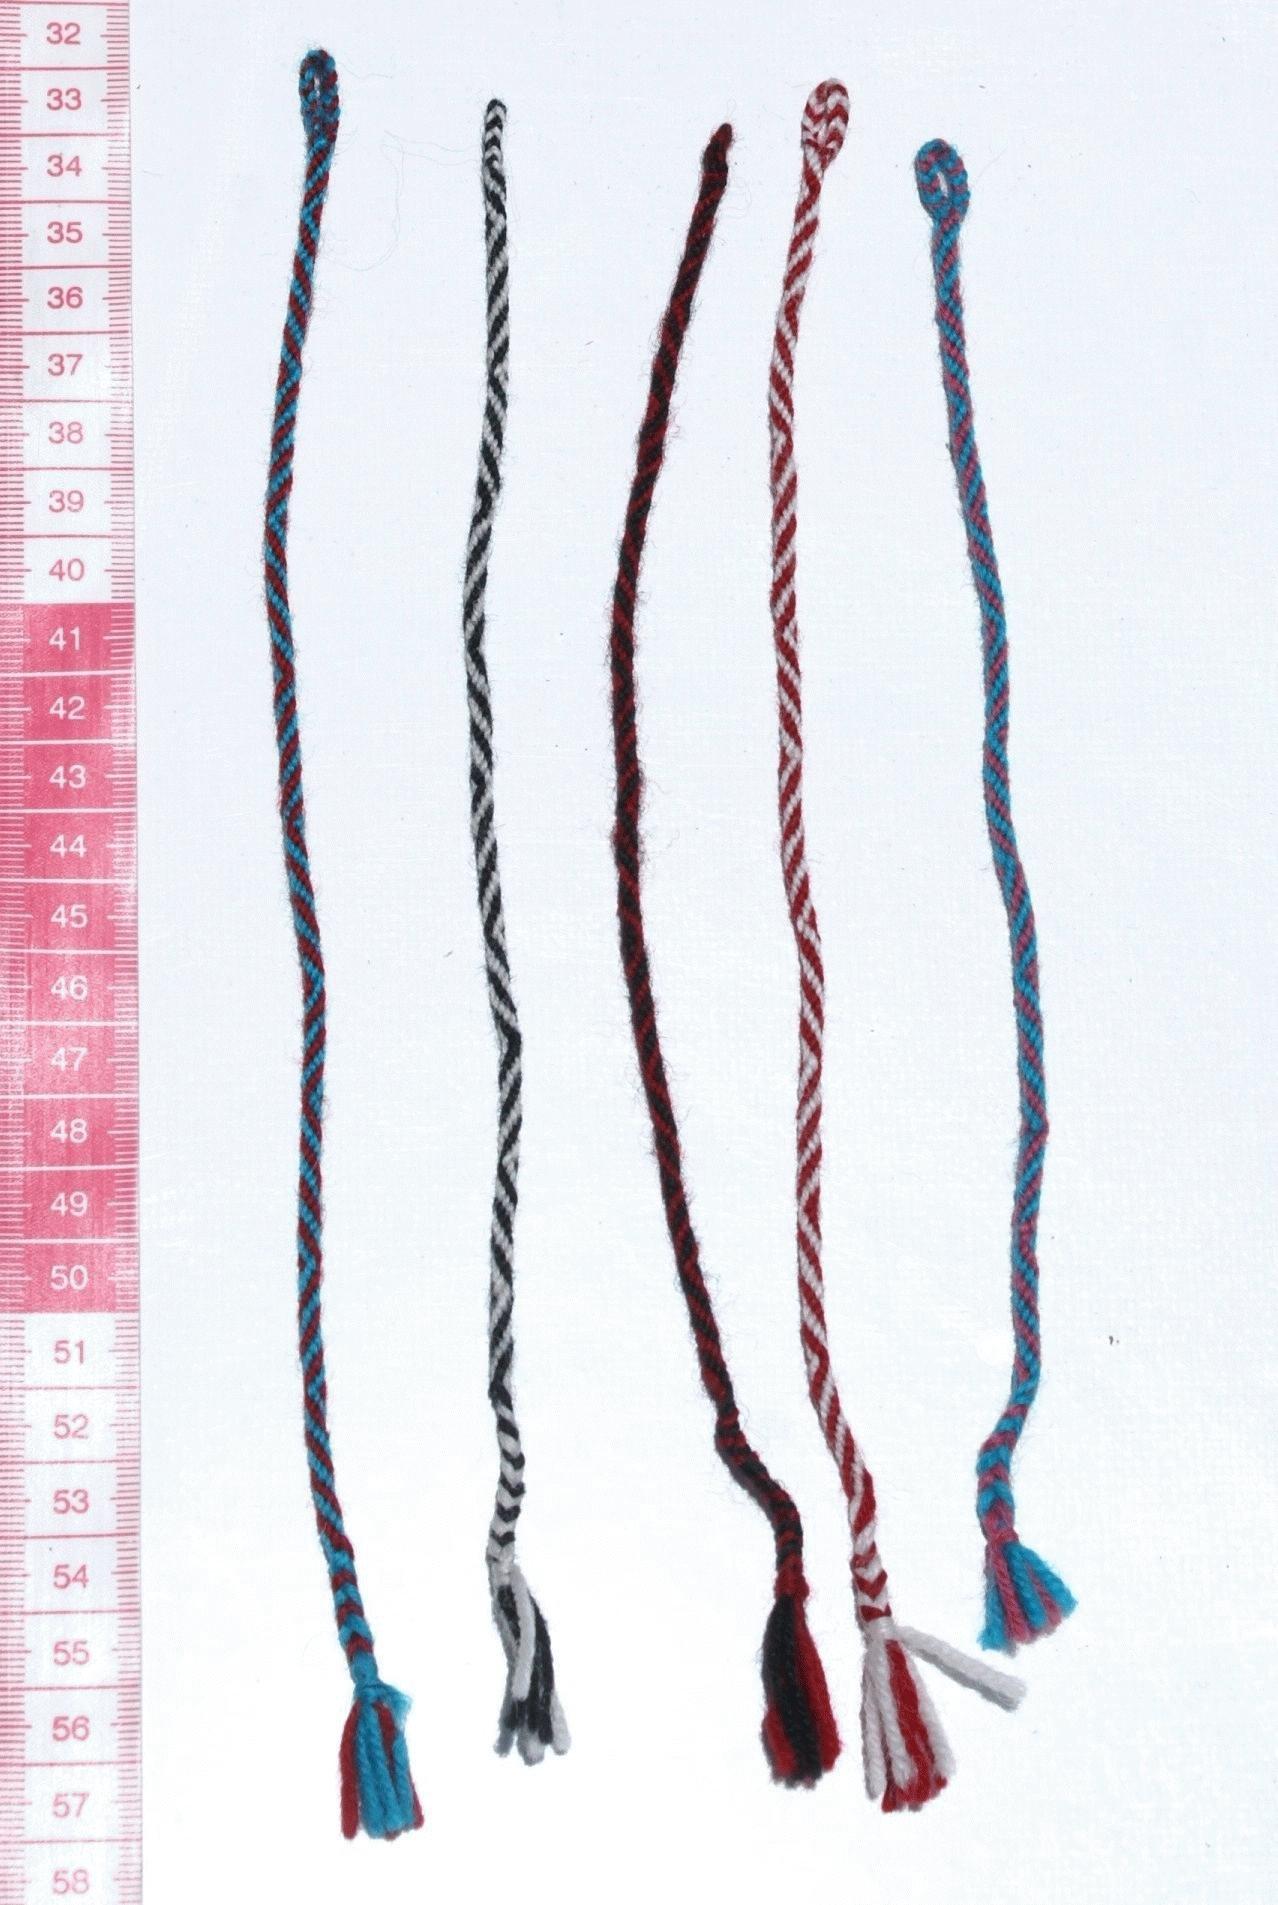 2d8151be0 Lot 5 náramky štěstí ručně tkané ručně vyráběné tibetské šperky, prodej  online - 370.74 Kč - Ceske Nabidky